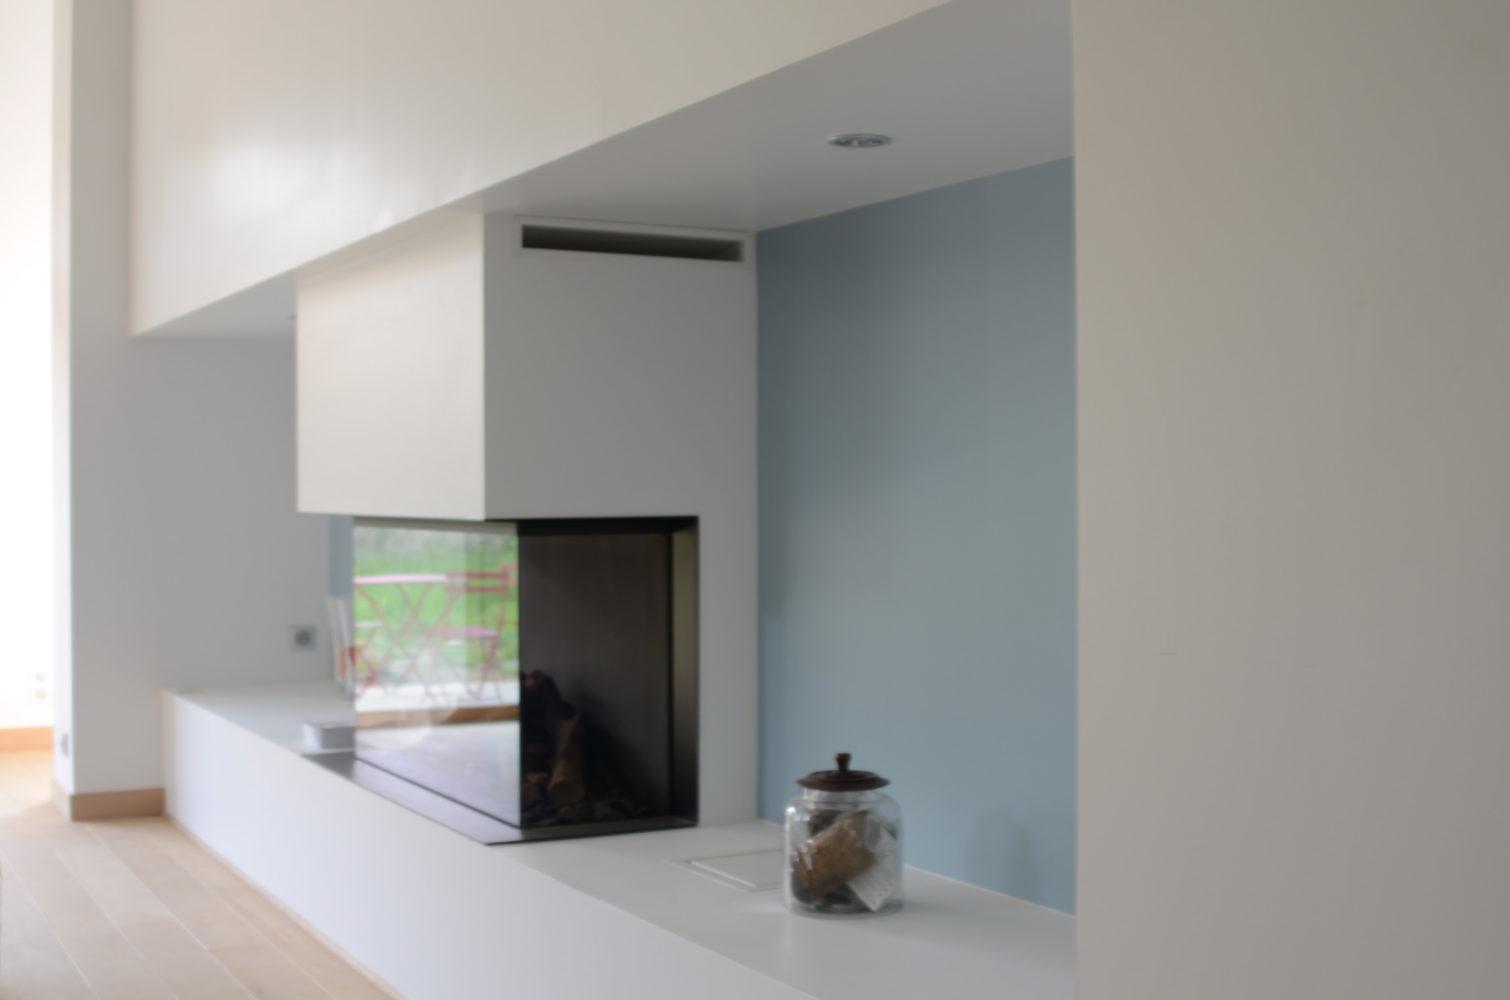 architecte d intrieur vannes top pice de vie avec sparation verrire with architecte d intrieur. Black Bedroom Furniture Sets. Home Design Ideas